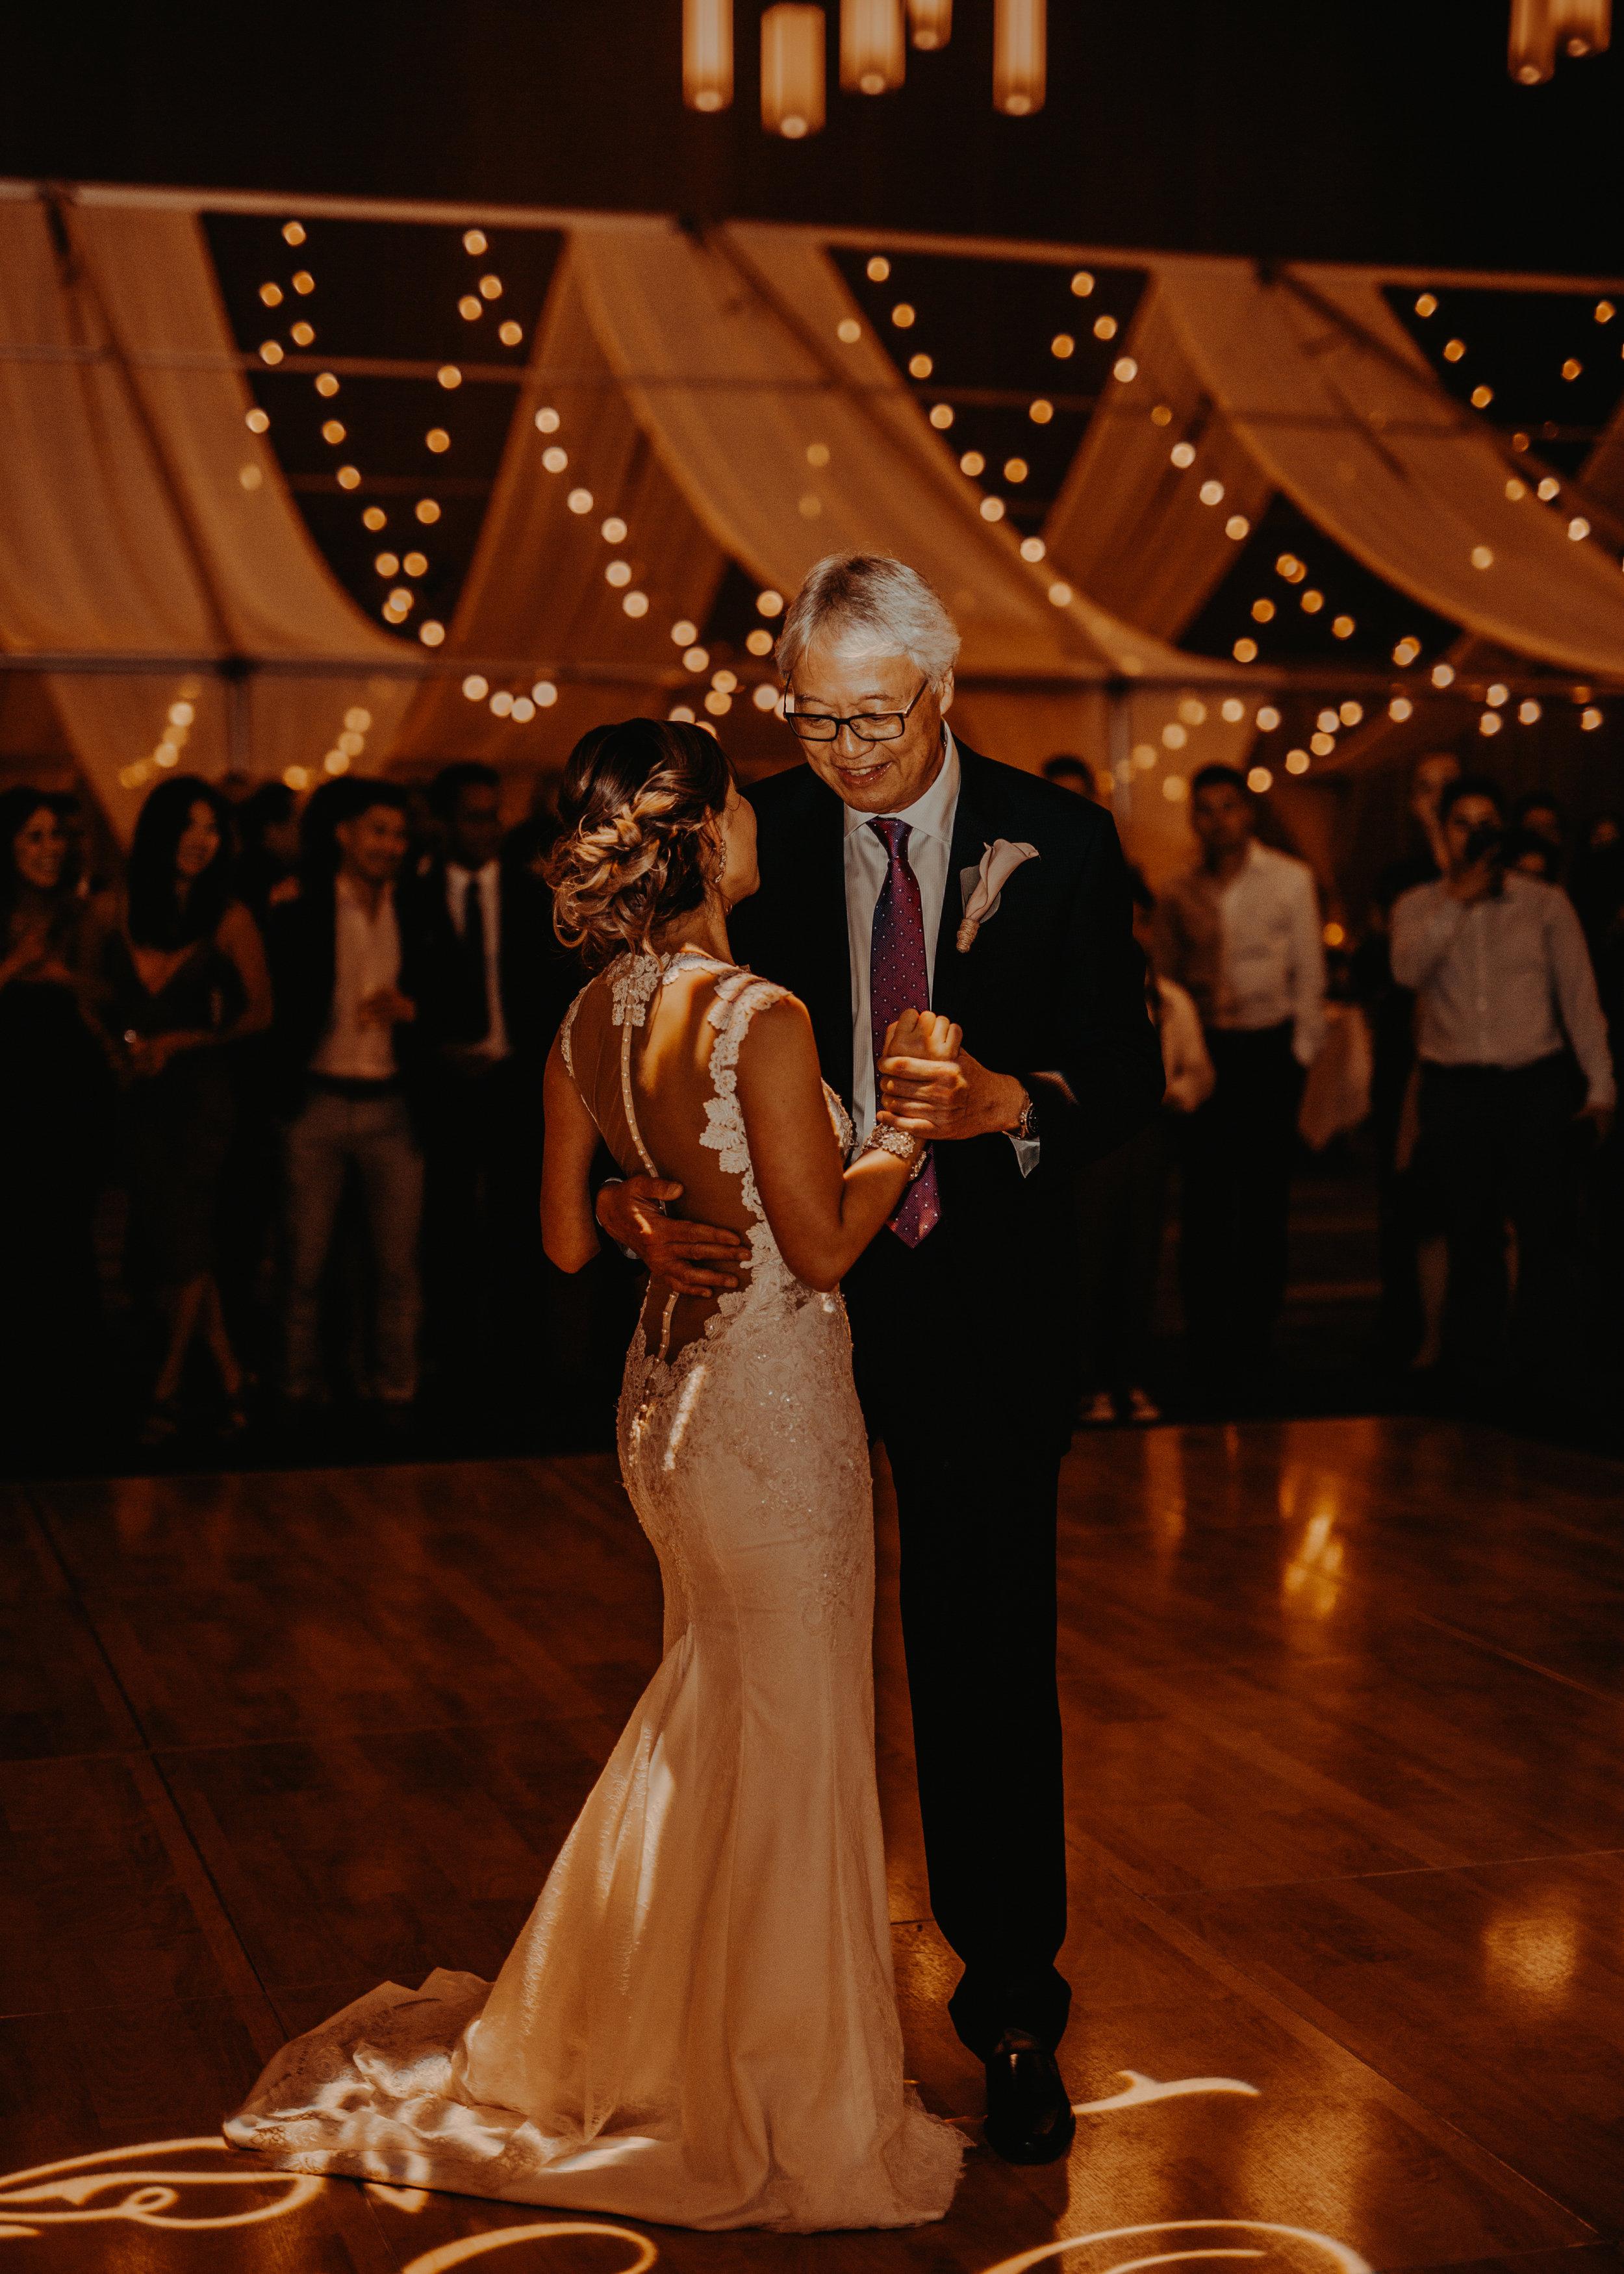 HARIKAPHOTO_WeddingPhotography-78.jpg